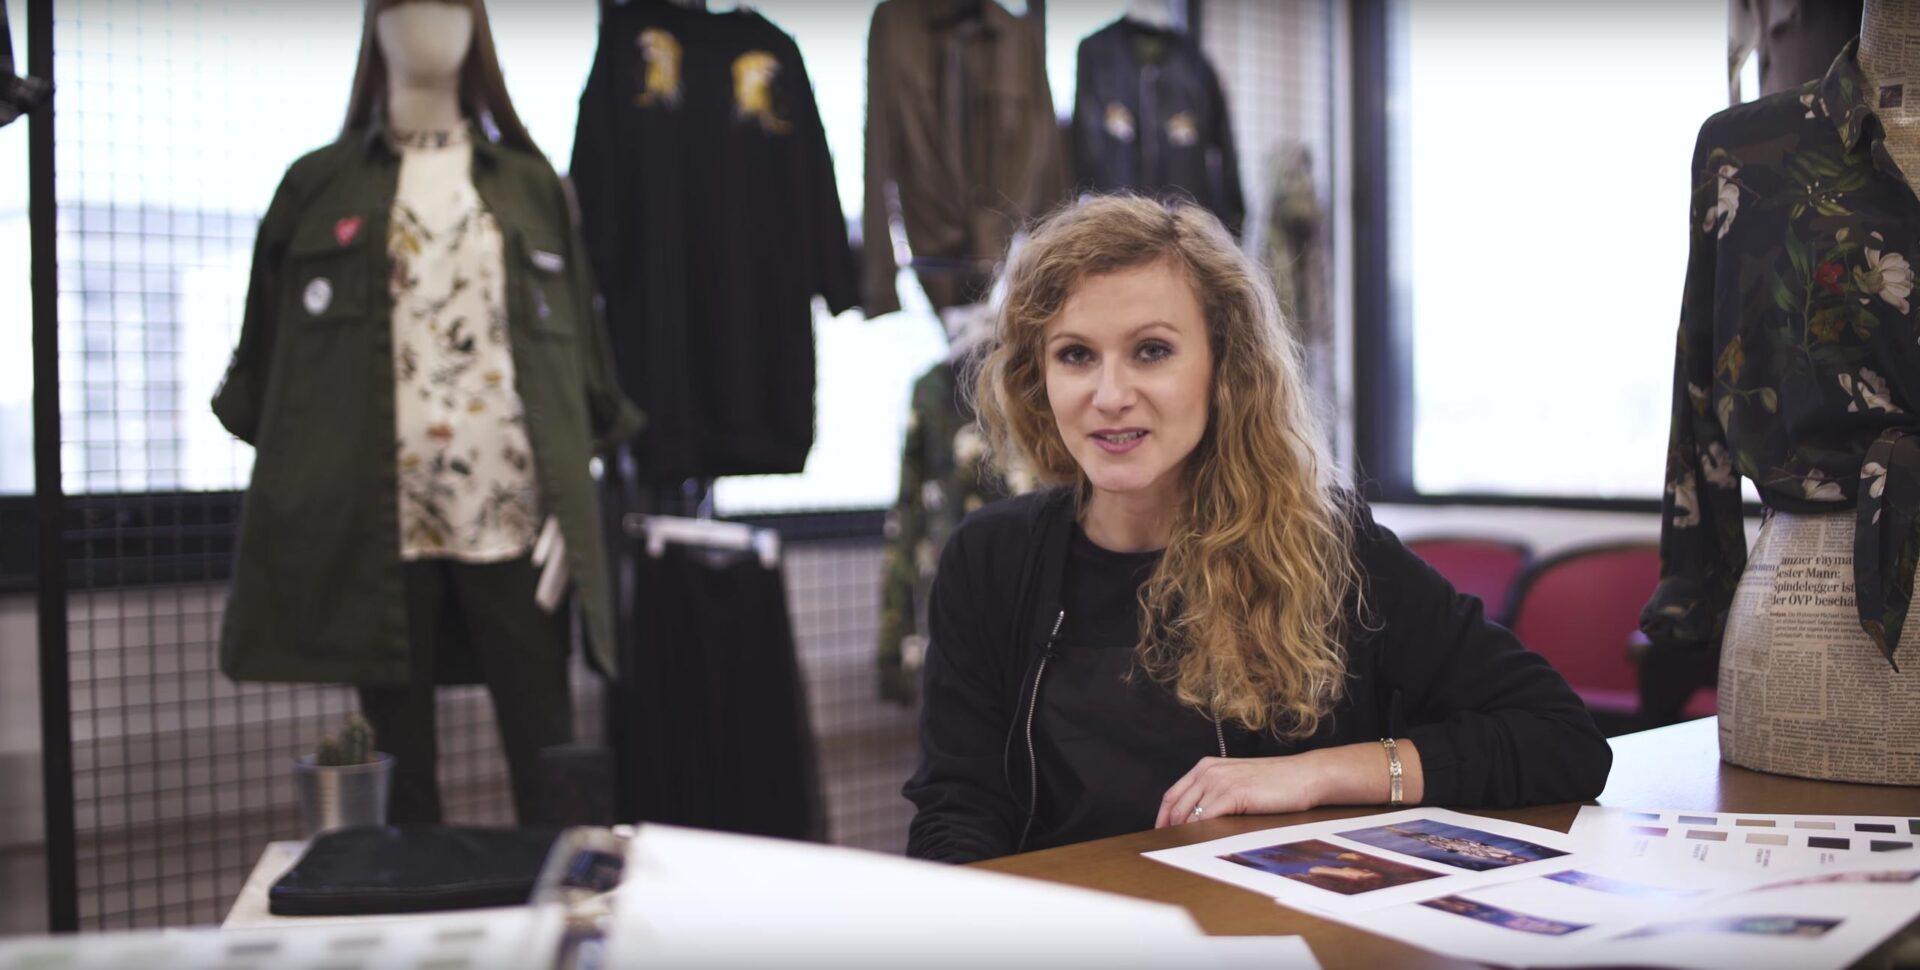 Okiem stylistki Medicine - seria filmów o modzie 17